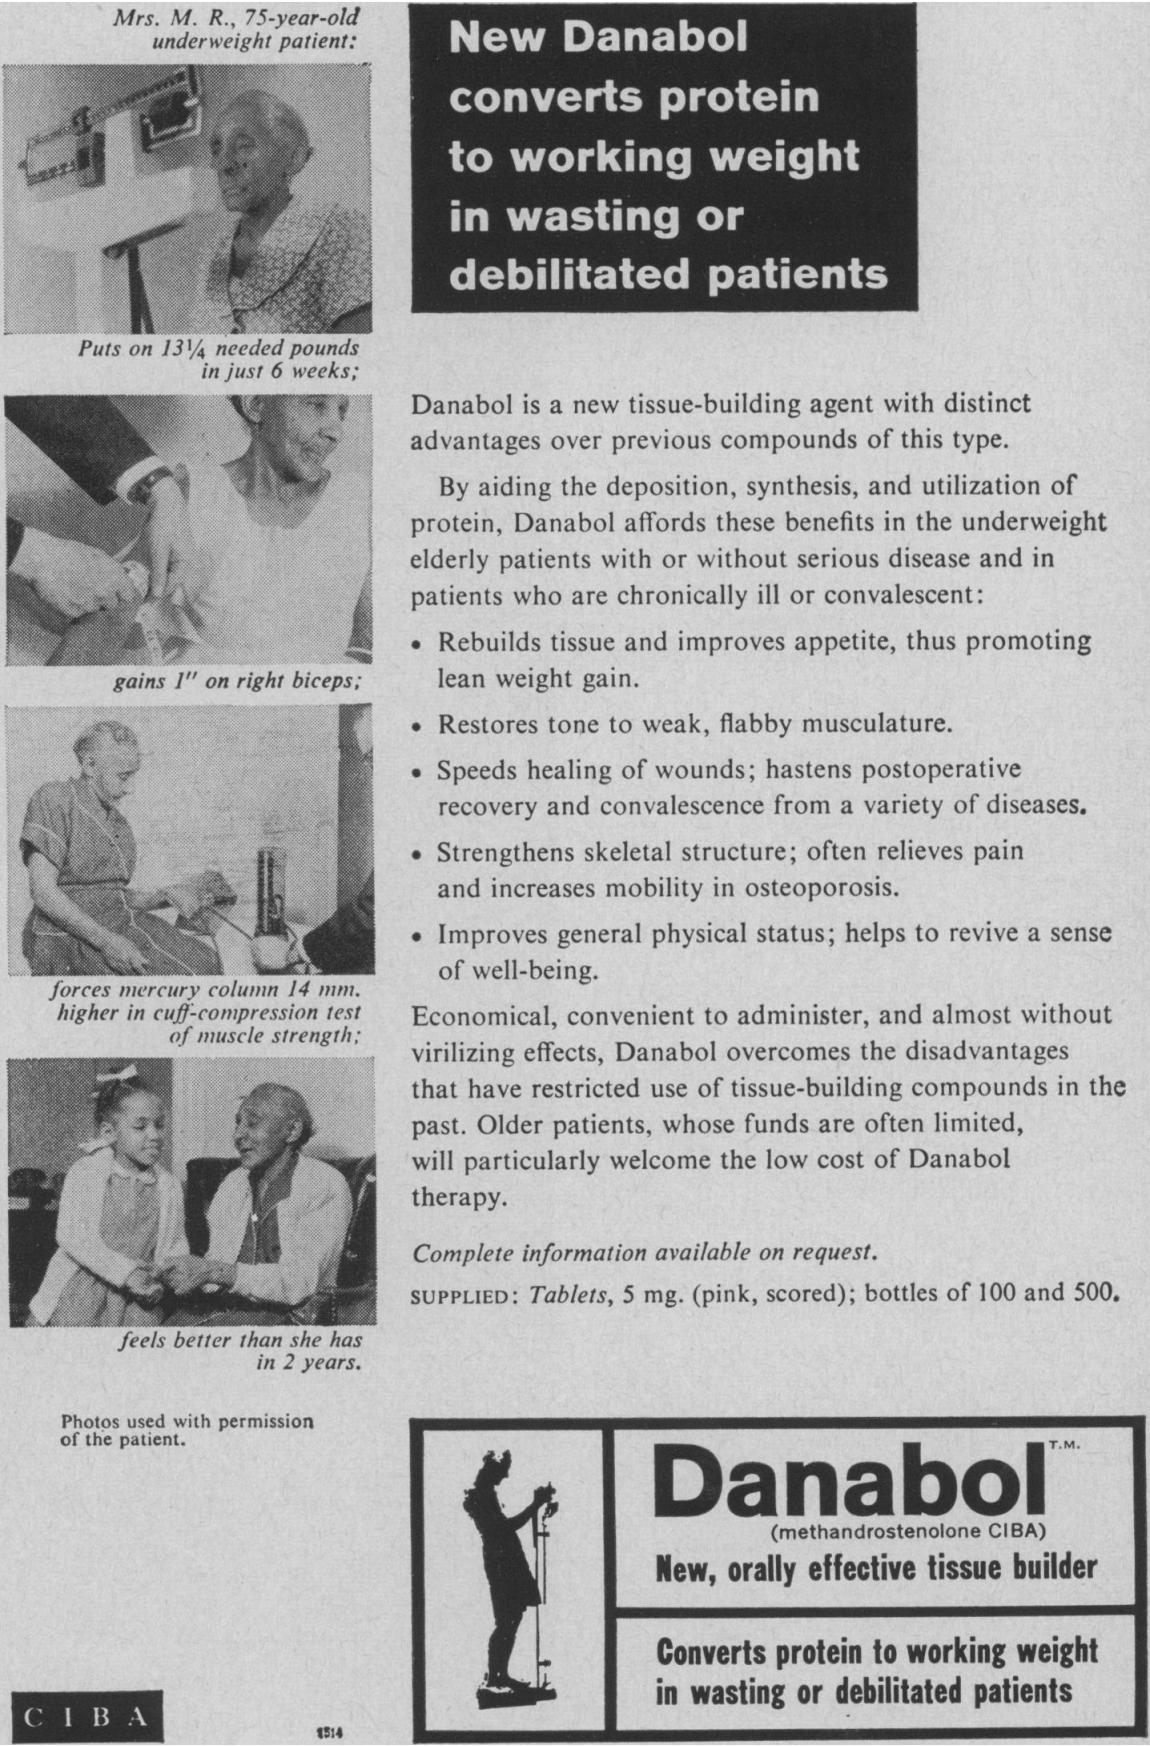 MorePlatesMoreDates.com CIBA Dianabol Advertisement